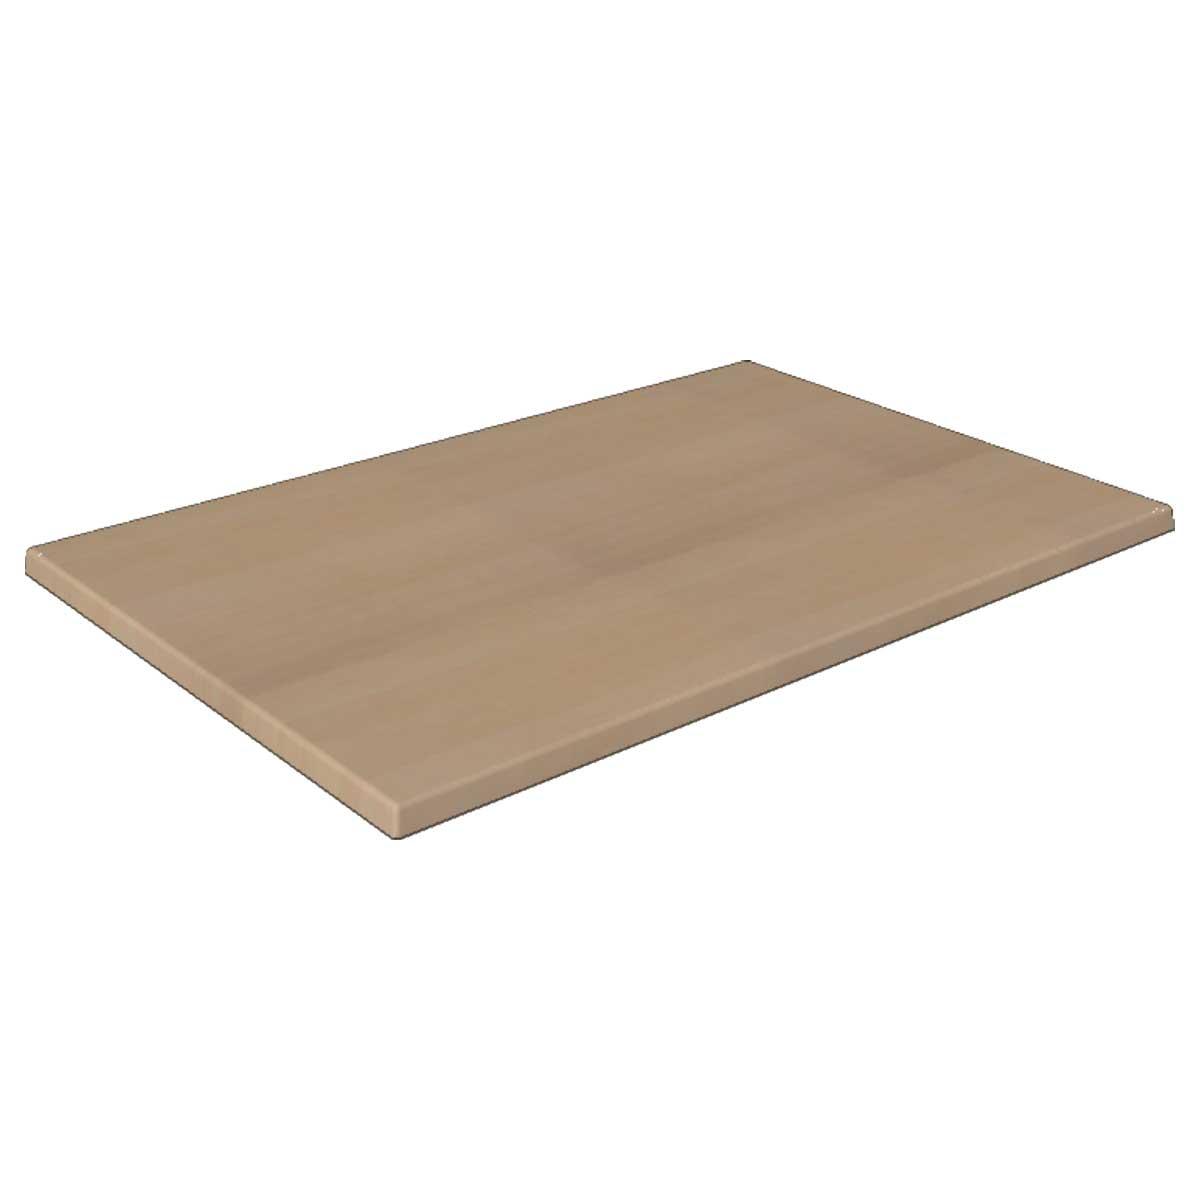 TICLA E120X80 019 - https://www.werzalit.com/nl/product/tafelblad-classic-werzalit-e-100x60-019-buche-geplankt/